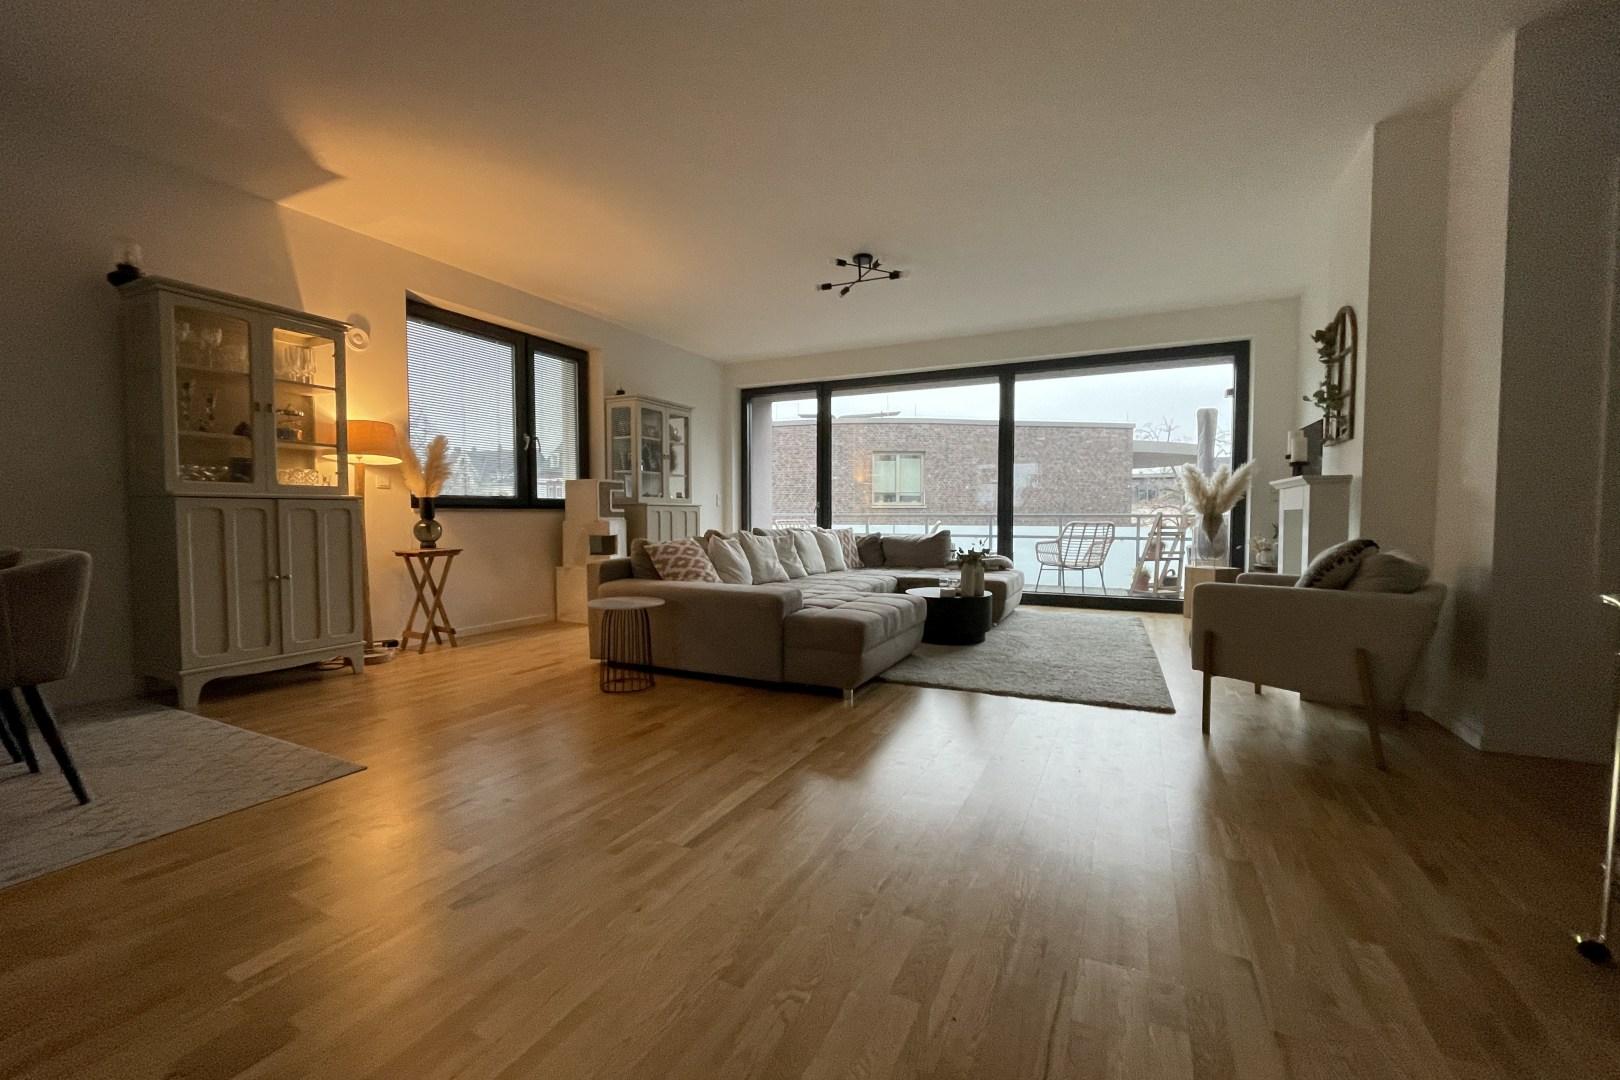 Immobilie Nr.0285 - 3-Zimmer-Maisonettewohnung mit Dachterrasse und TG-Stellplatz - Bild main.jpg